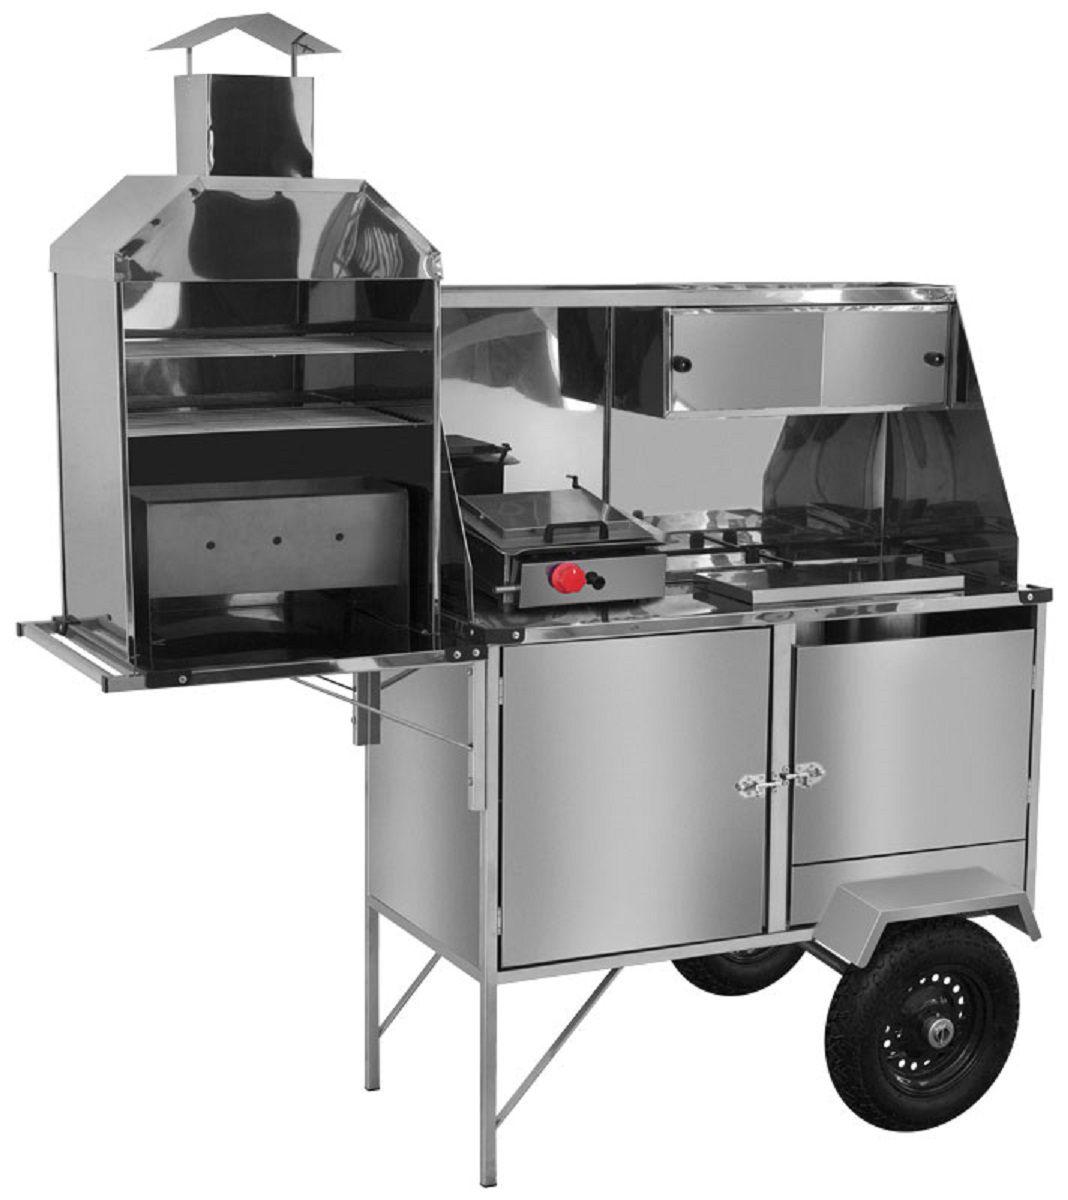 Carrinho 3x1 em Inox - Hot Dog, Lanche e Churrasco Luxo com Rodas Pneumáticas e Toldo - LC12P/T - CEFAZ